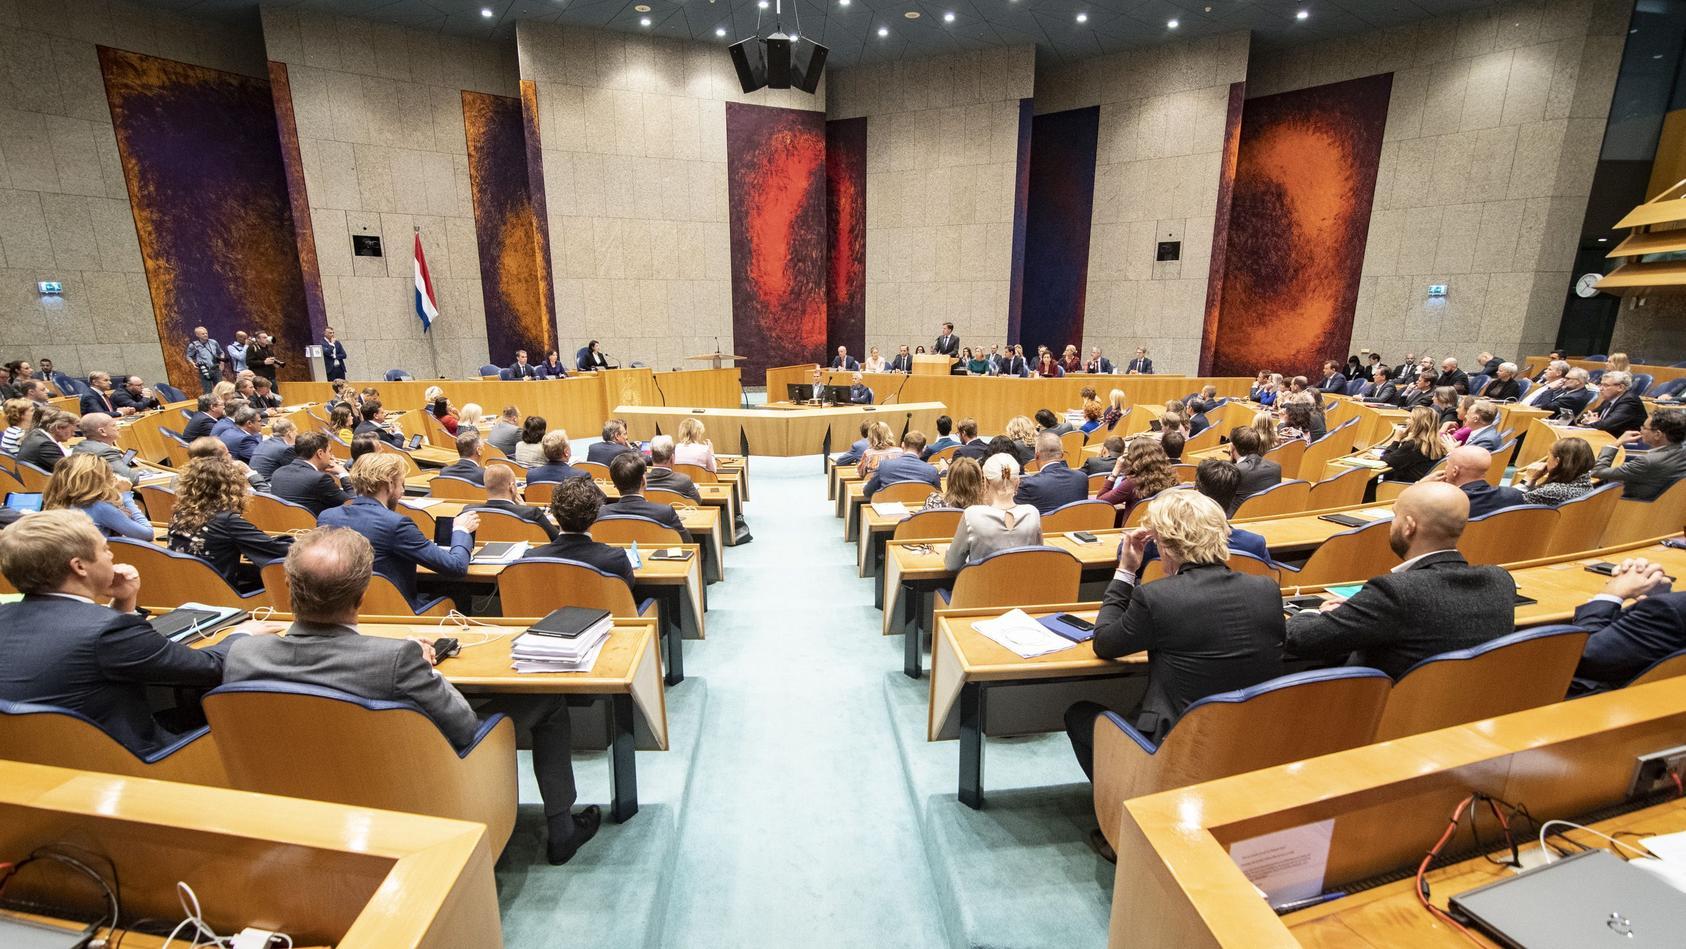 DEN HAAG, 18-09-2019, Dag 2 van de Algemene Politieke Beschouwingen in the Tweede Kamer Parlement House. Dag 2 Algemene